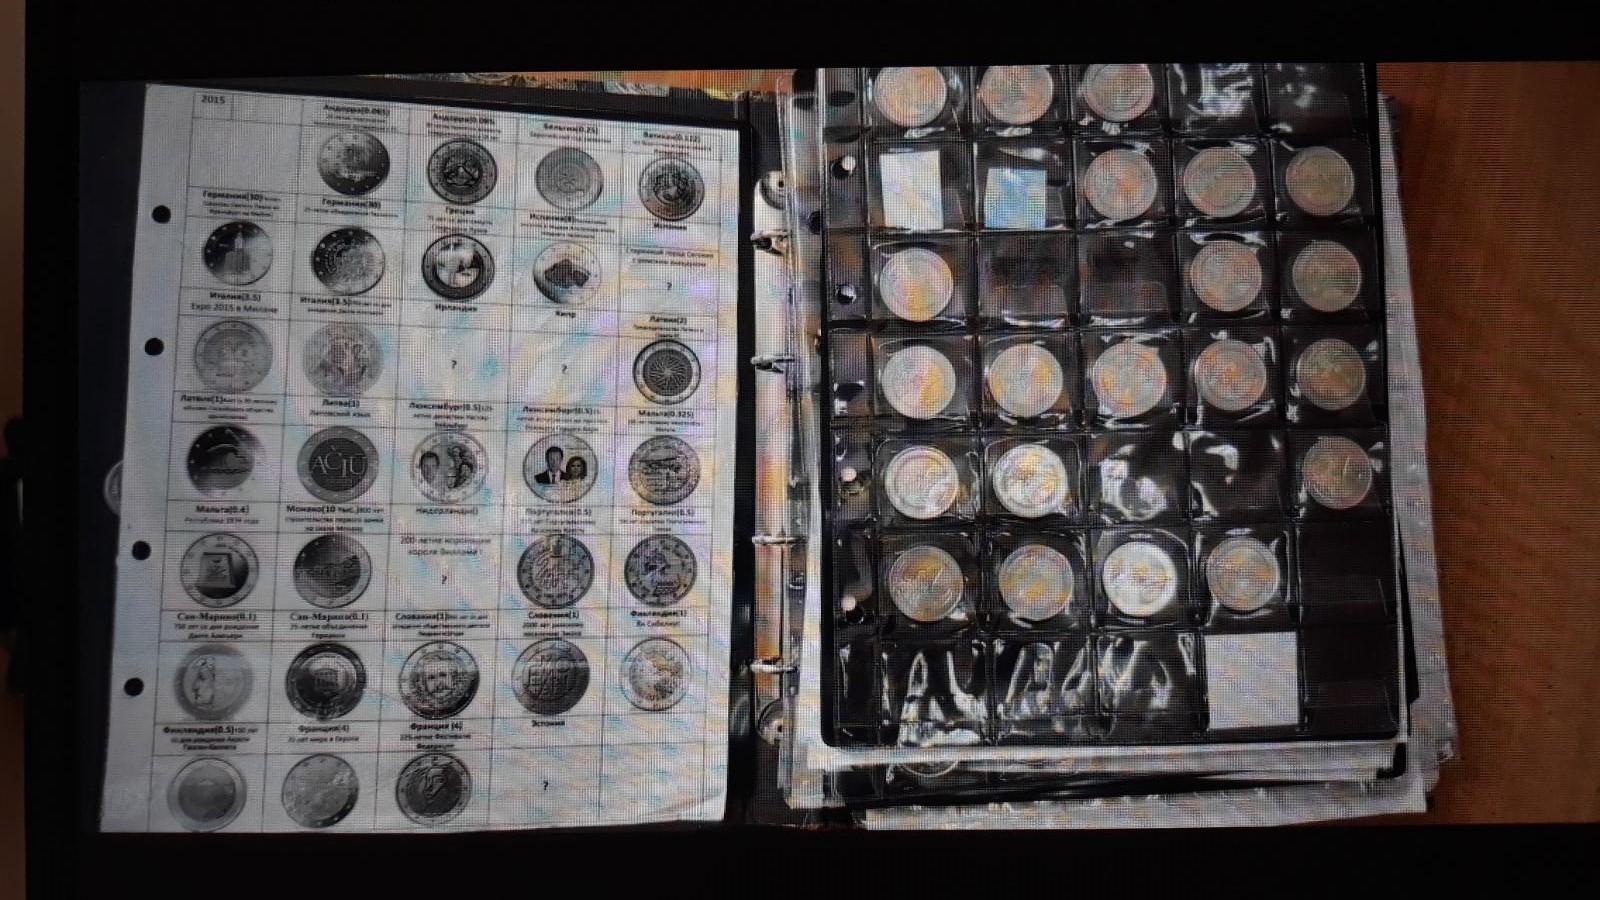 В Самаре воры вскрыли сейф с 3 млн рублей и коллекцией монет